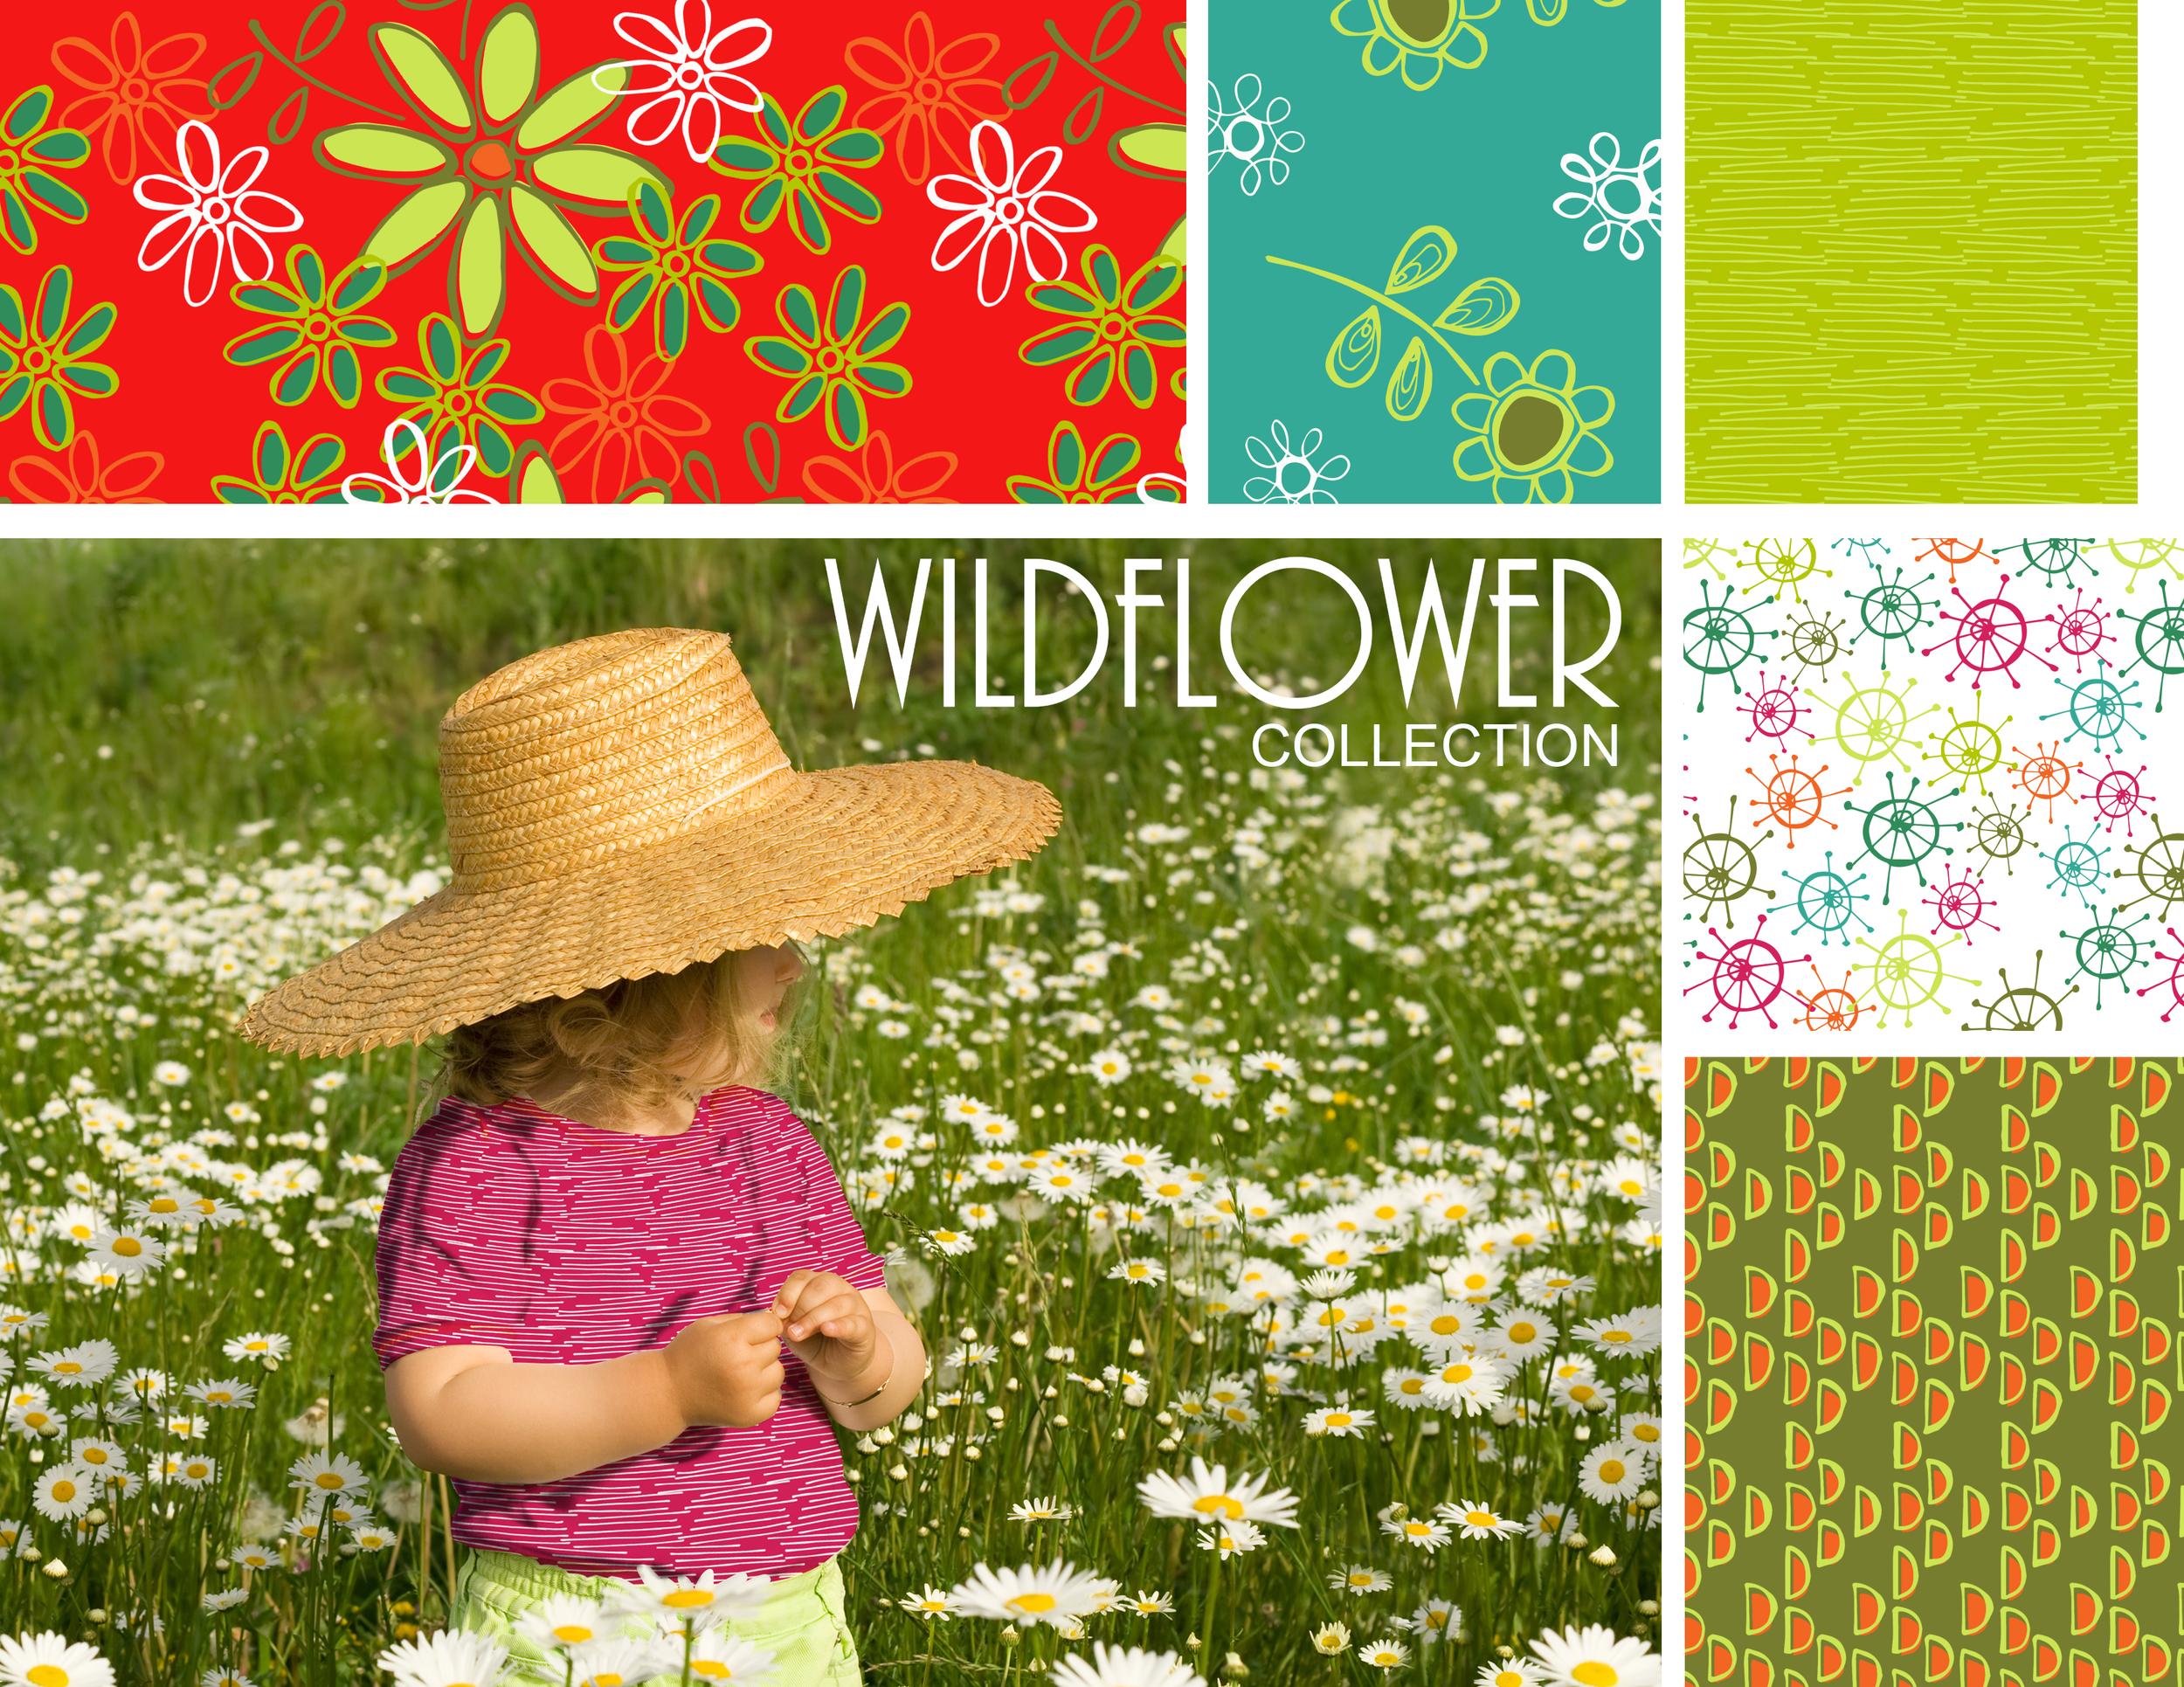 16 wildflower patterned mockups1 (2).jpg